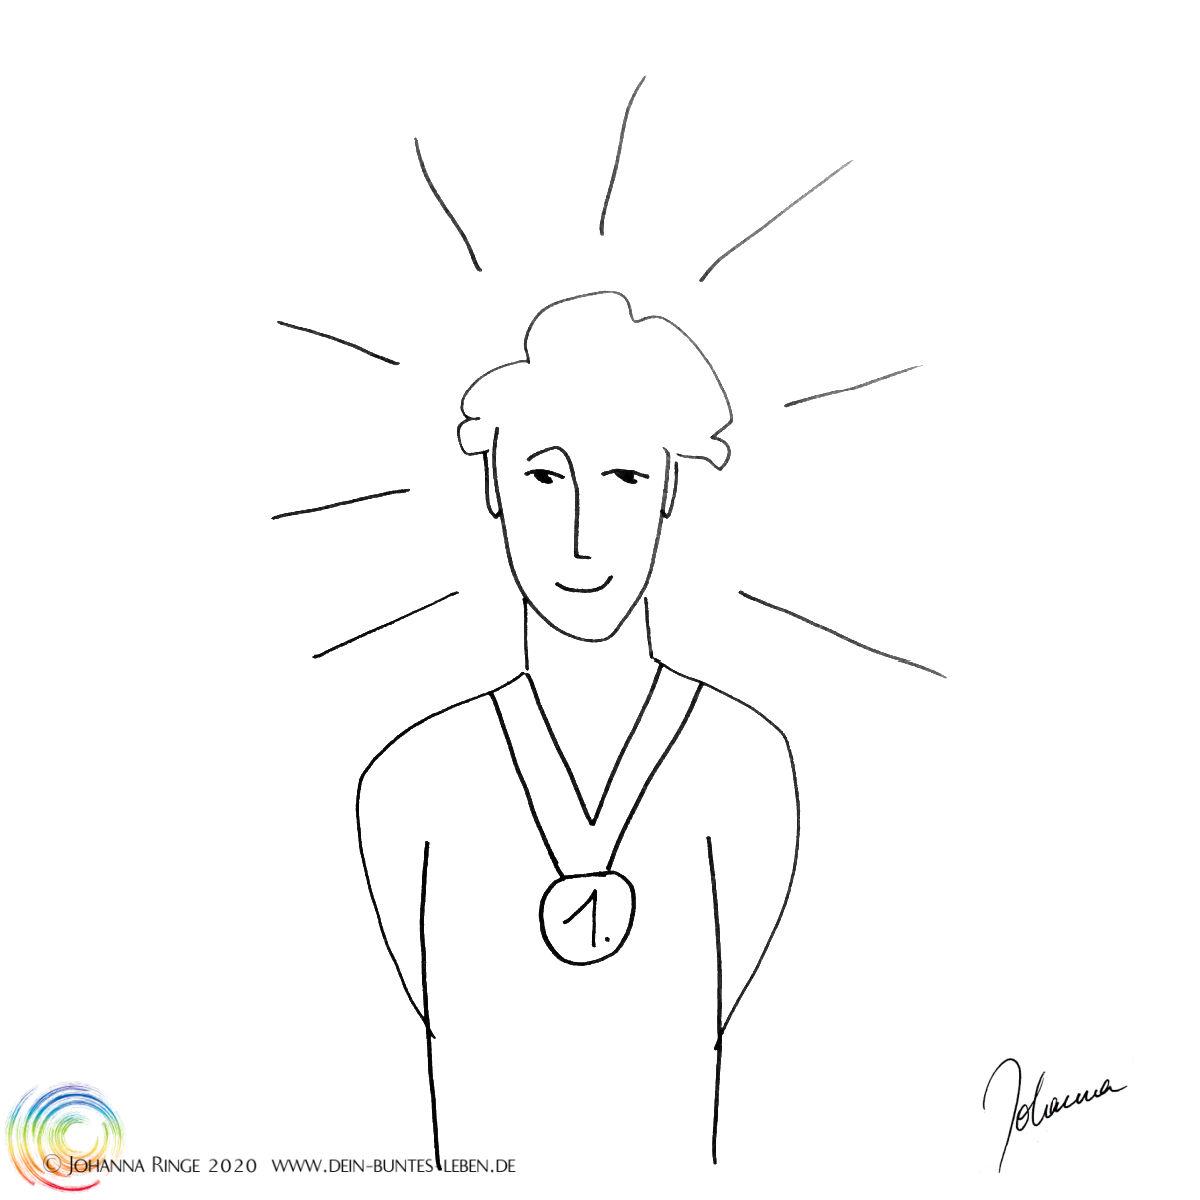 Stolz: Ein strahlender Mensch mit einer Medaille um den Hals. (Zeichnung) ©Johanna Ringe 2020 www.dein-buntes-leben.de